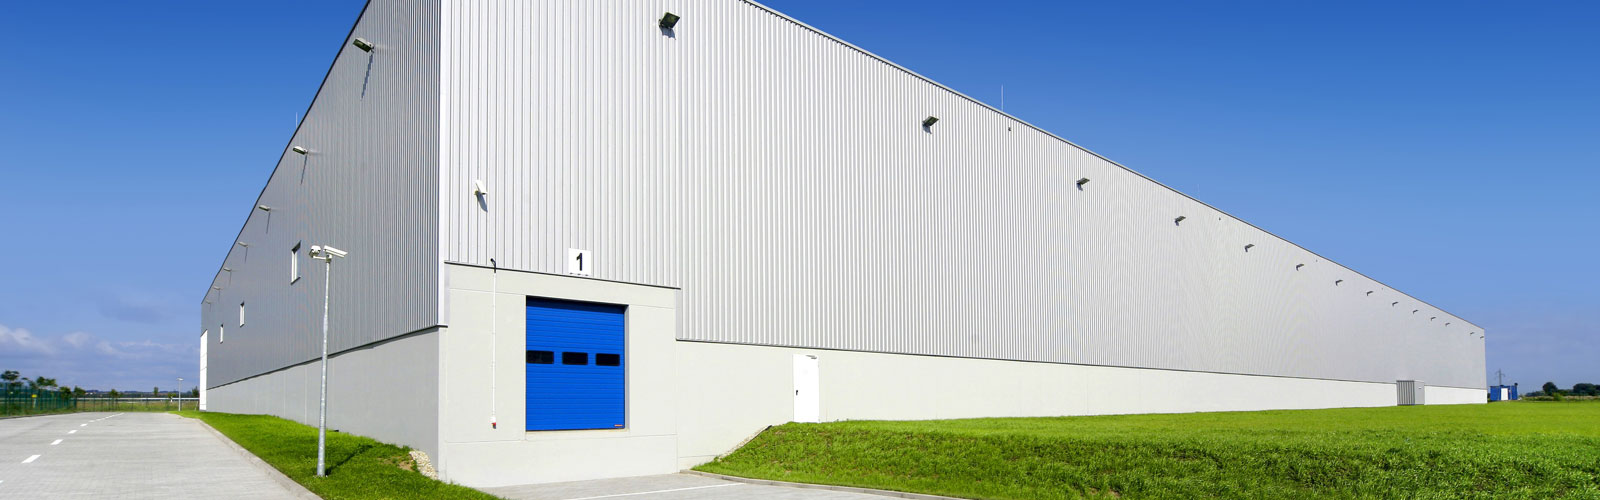 Wir suchen laufend Logistik- und Light Industrial Immobilien zum Kauf für unsere Kunden in Deutschland und Österreich